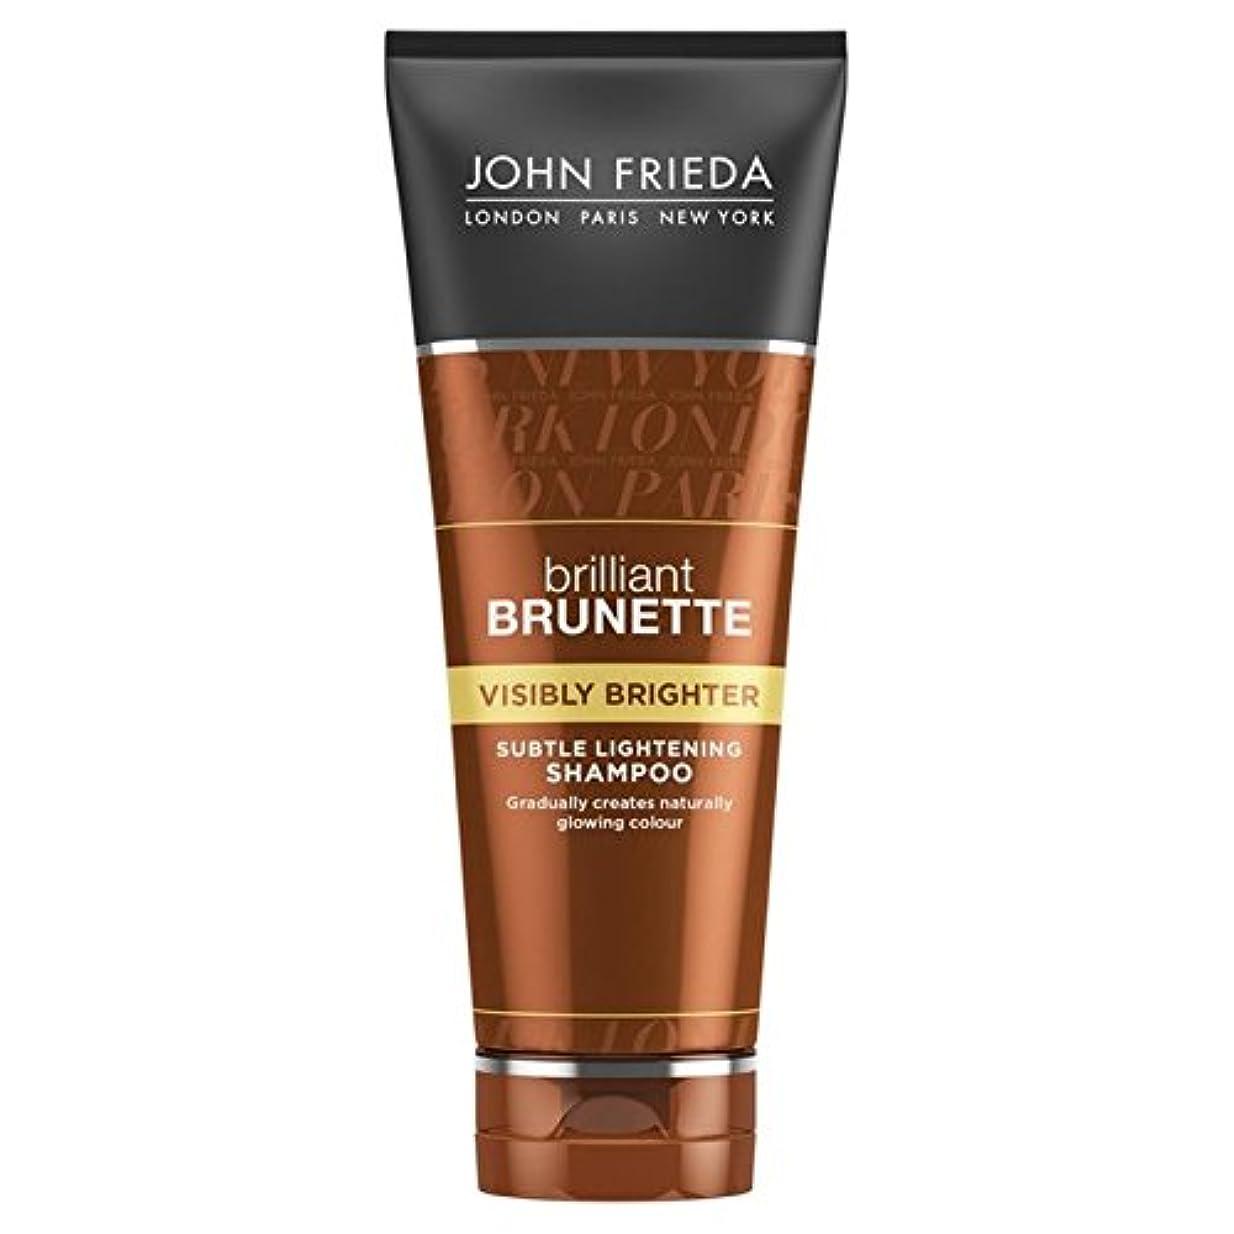 マグ登録統治可能John Frieda Brilliant Brunette Visibly Brighter Shampoo 250ml (Pack of 6) - ジョン?フリーダ華麗なブルネット目に見えて明るくシャンプー250 x6 [並行輸入品]